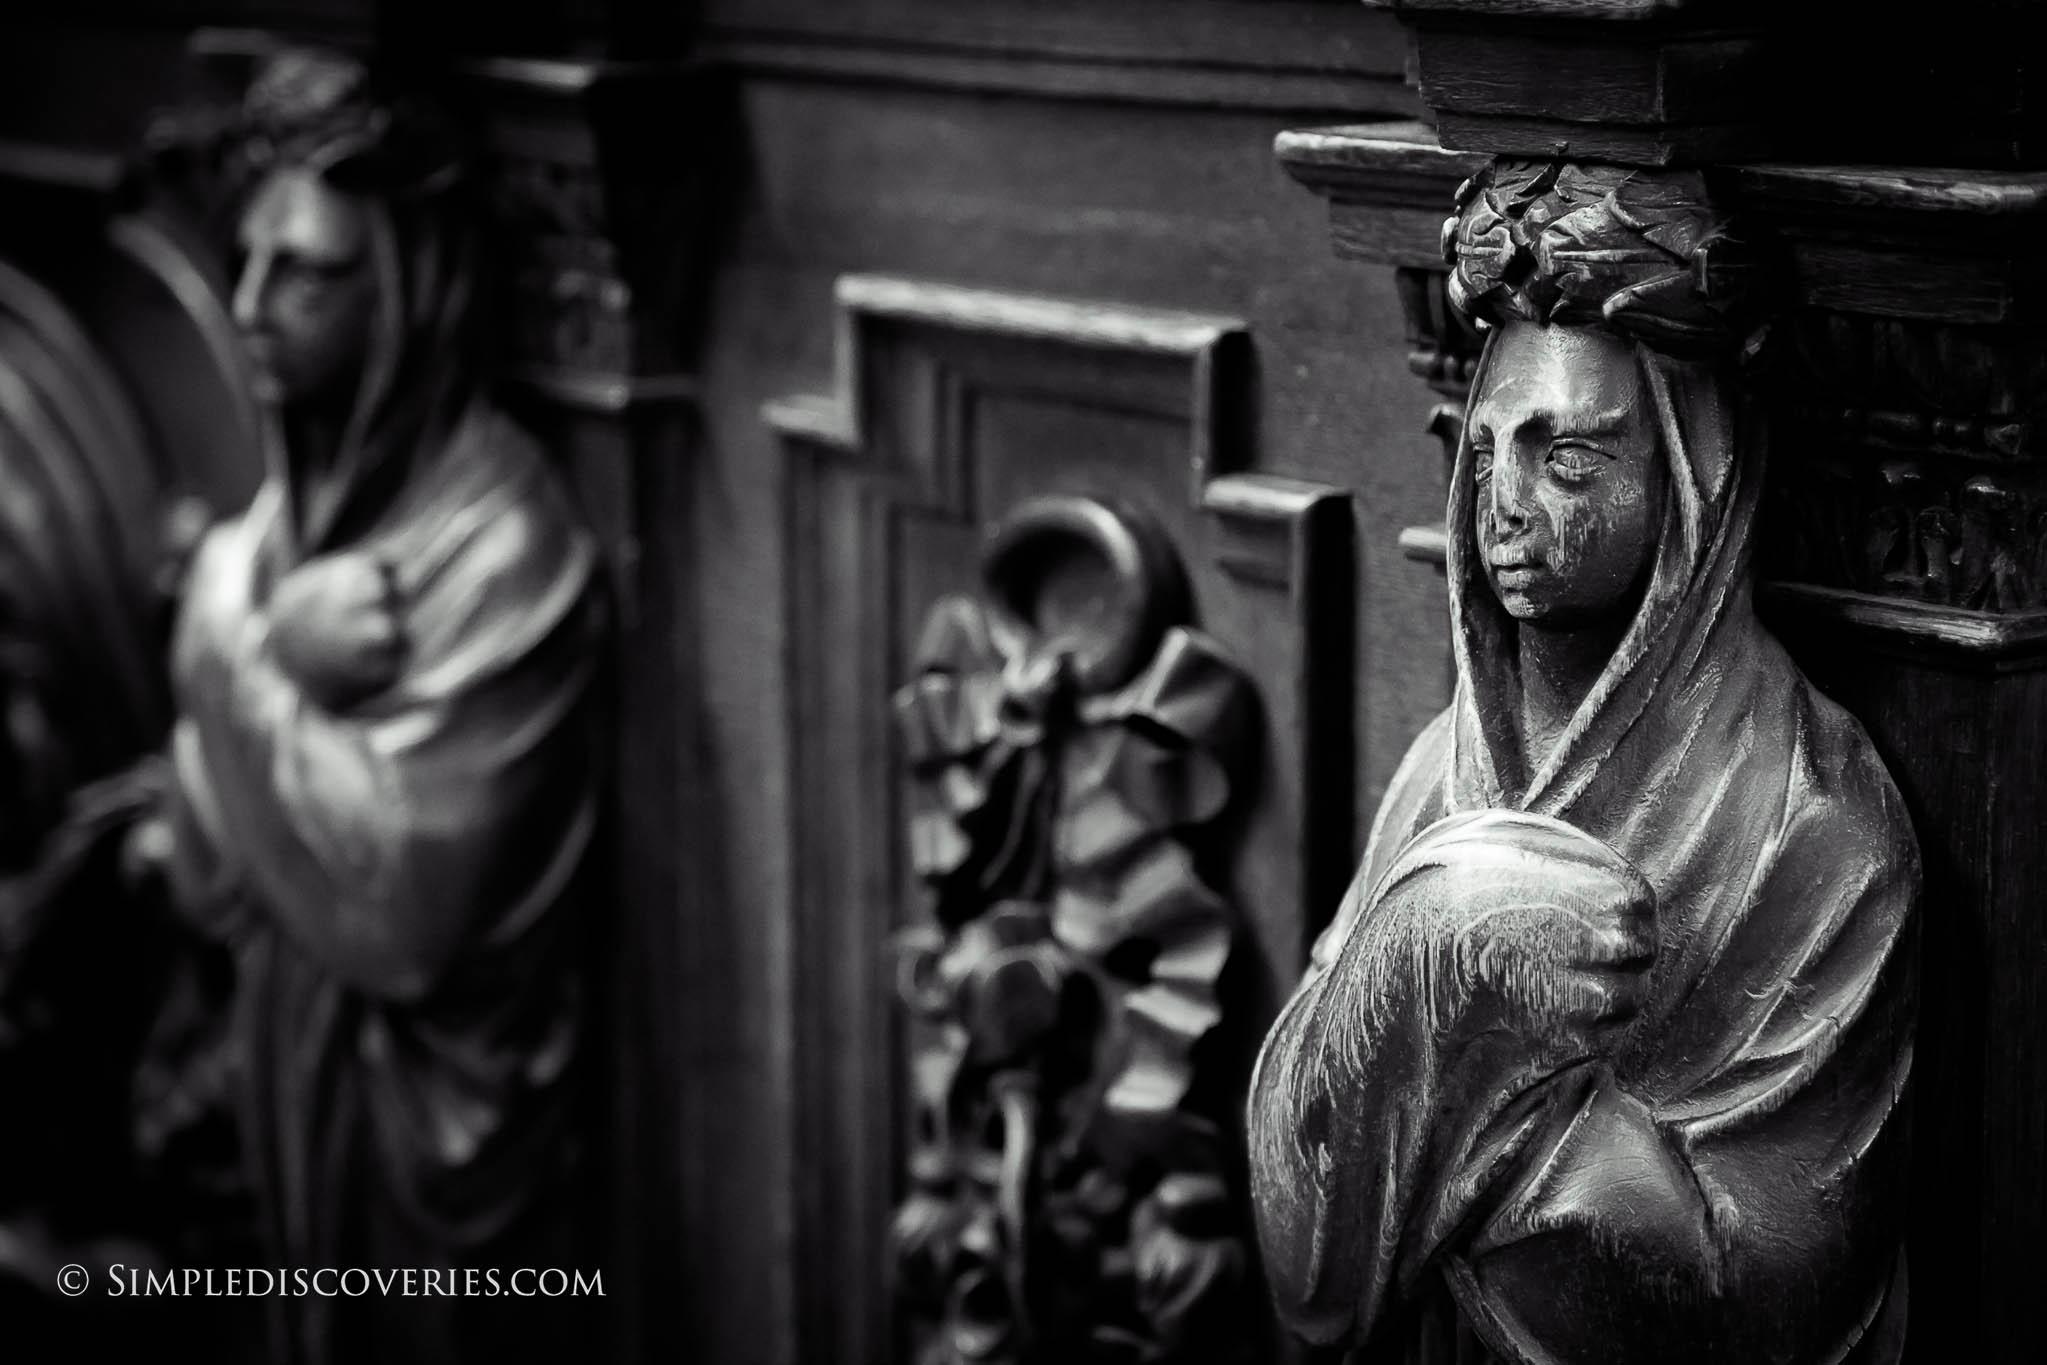 prague_st_vitus_carvings